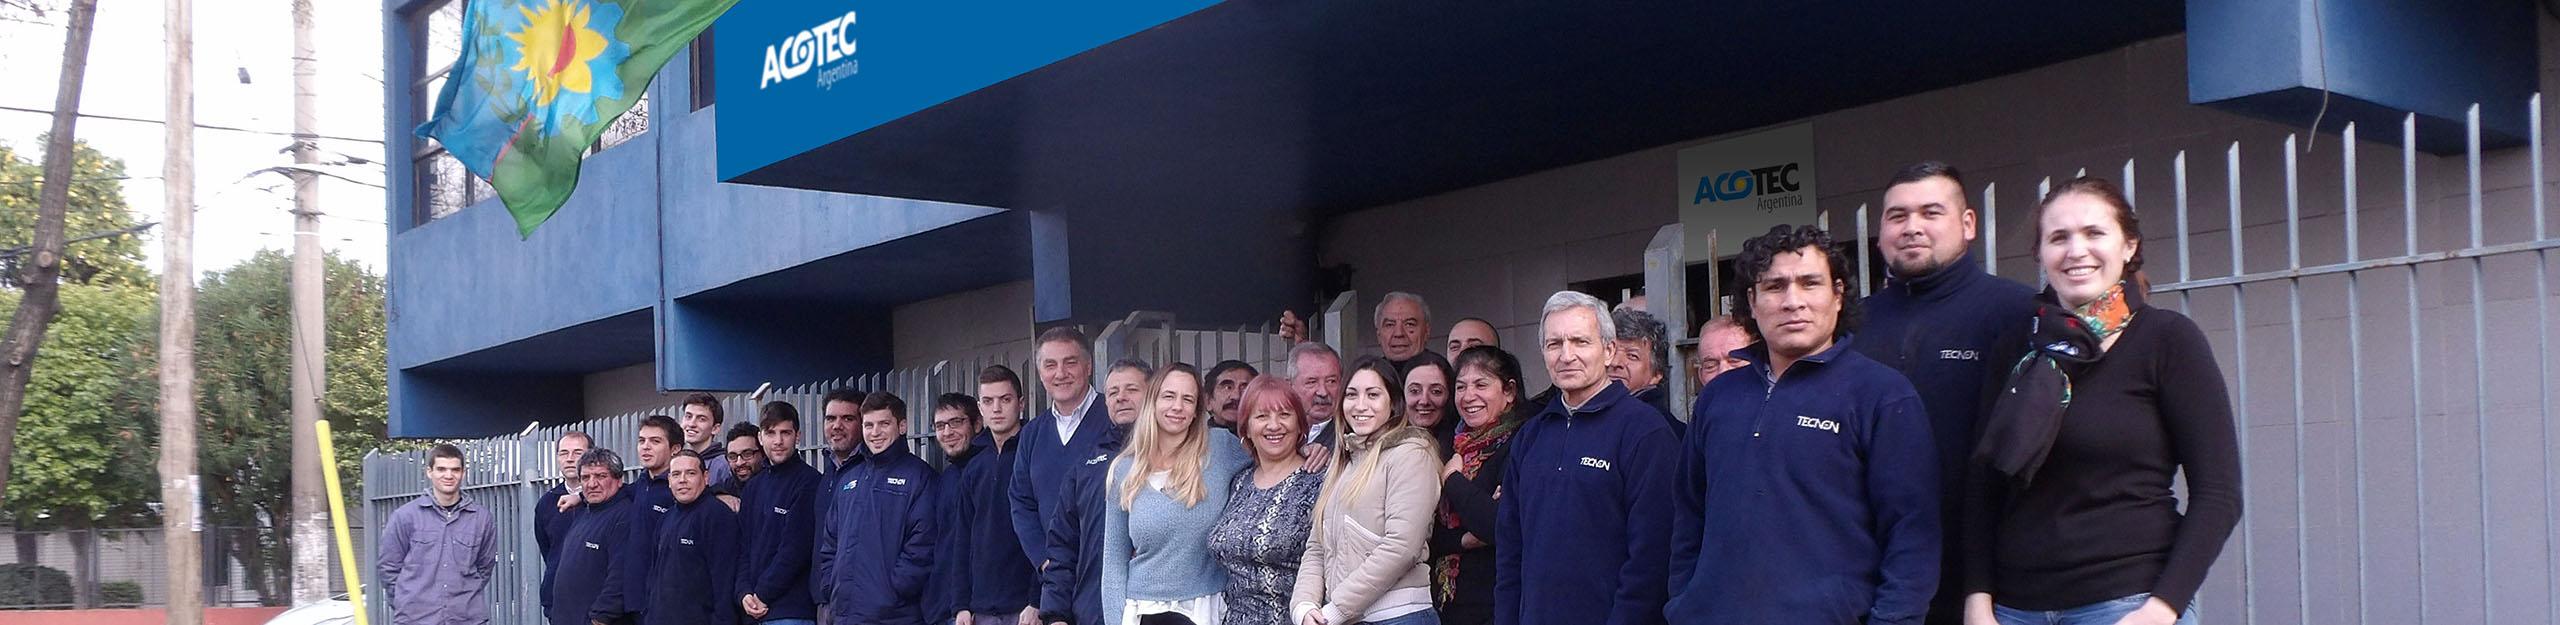 Frente_Acotec_Tecnon_Buenos_Aires